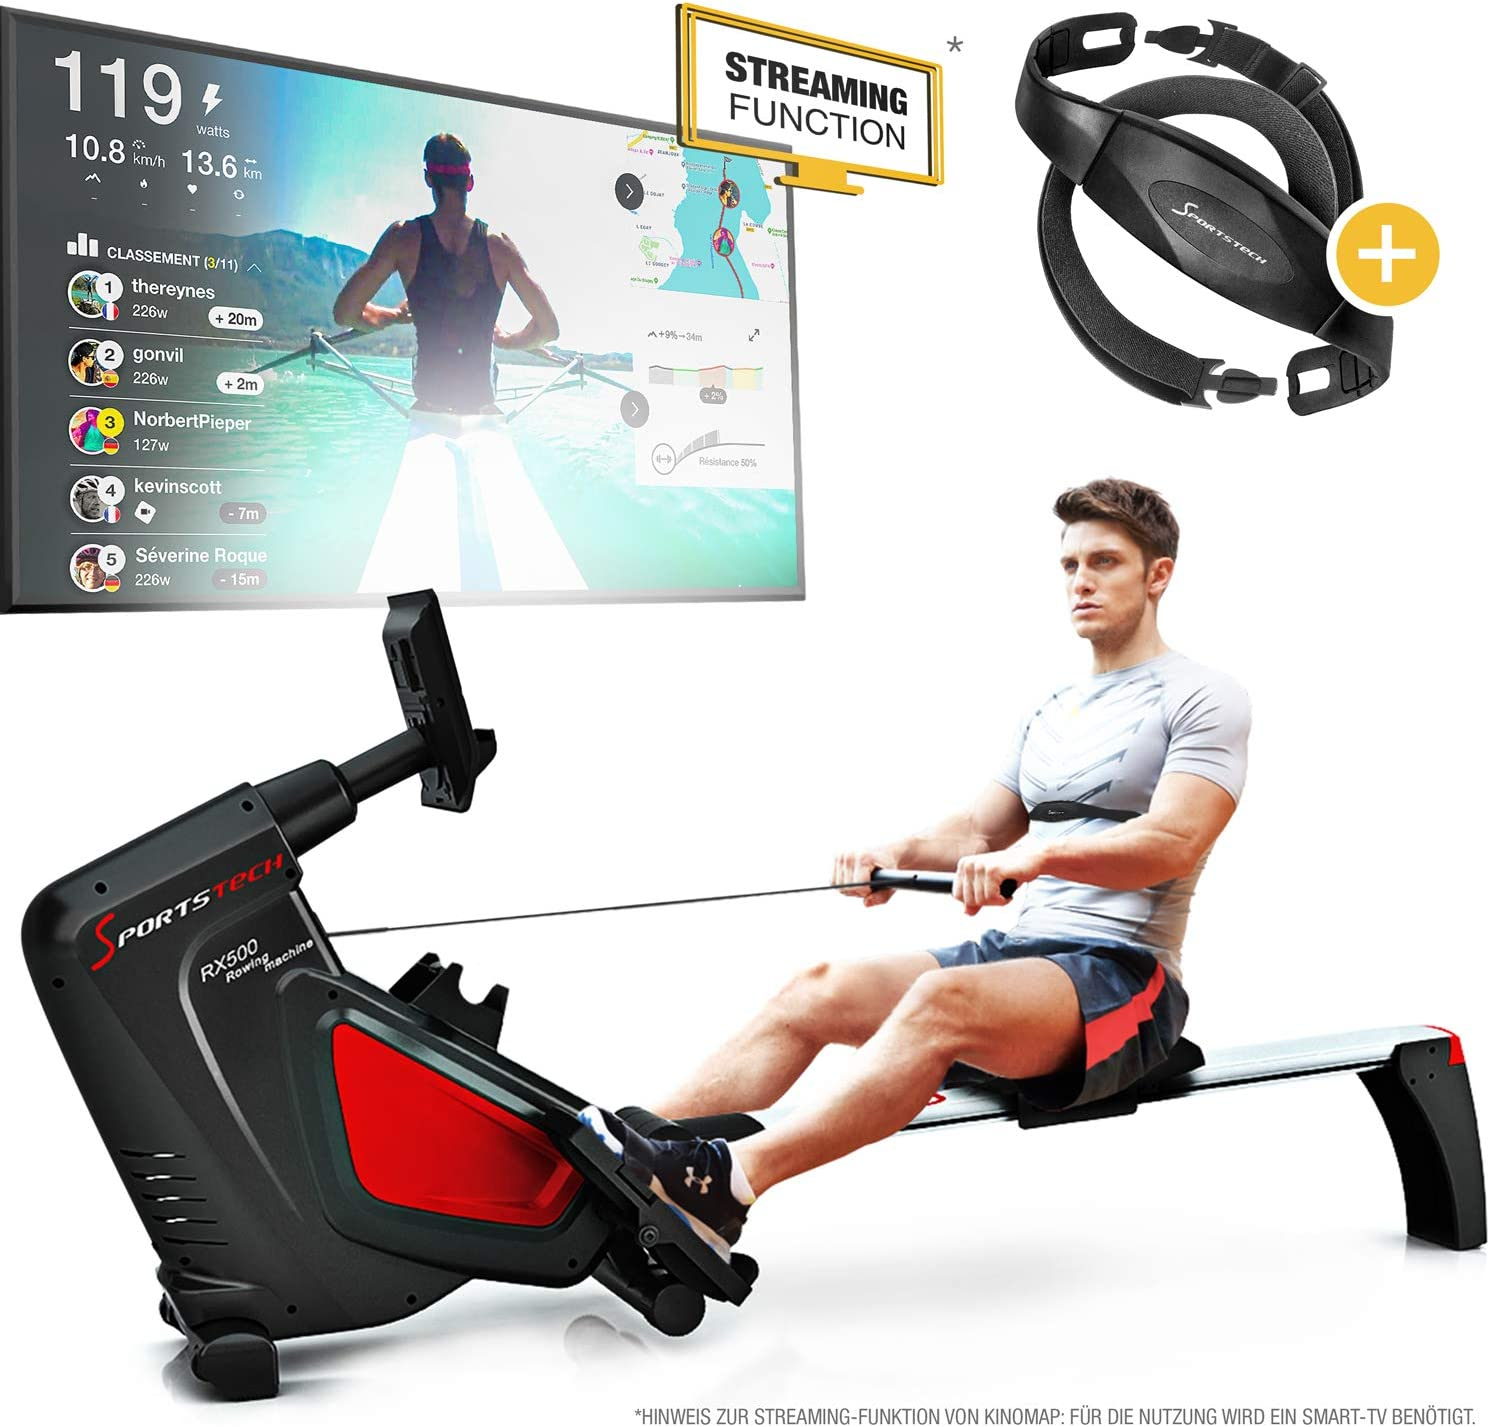 Sportstech RSX500 Máquina de Remo - Marca de Calidad Alemana - Eventos en Directo y App multijugador - Incl. pulsómetro (Valor: 39,90) 16 programas, Resistencia magnética, Modo competición, Plegable